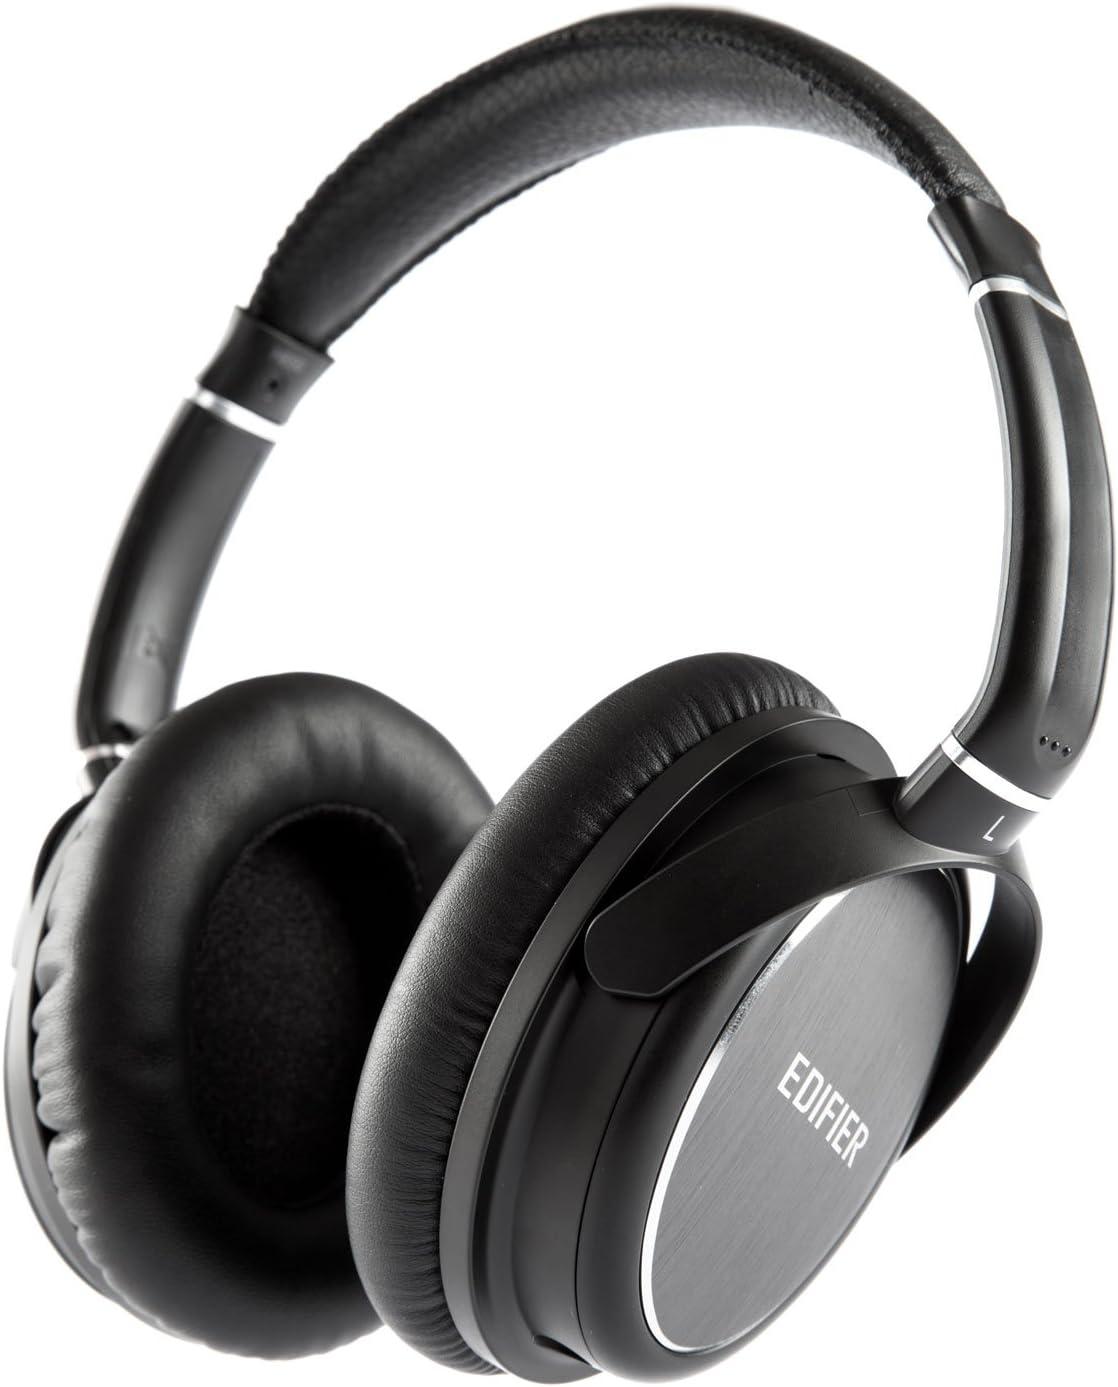 Edifier H850 Auriculares Pro Circumaural Cerrados Ligeros y Cómodos Over-The-Ear con Cable Tamaño Único con Diadema Banda de Cabeza Ajustable para Audiófilos y Profesionales - Negro